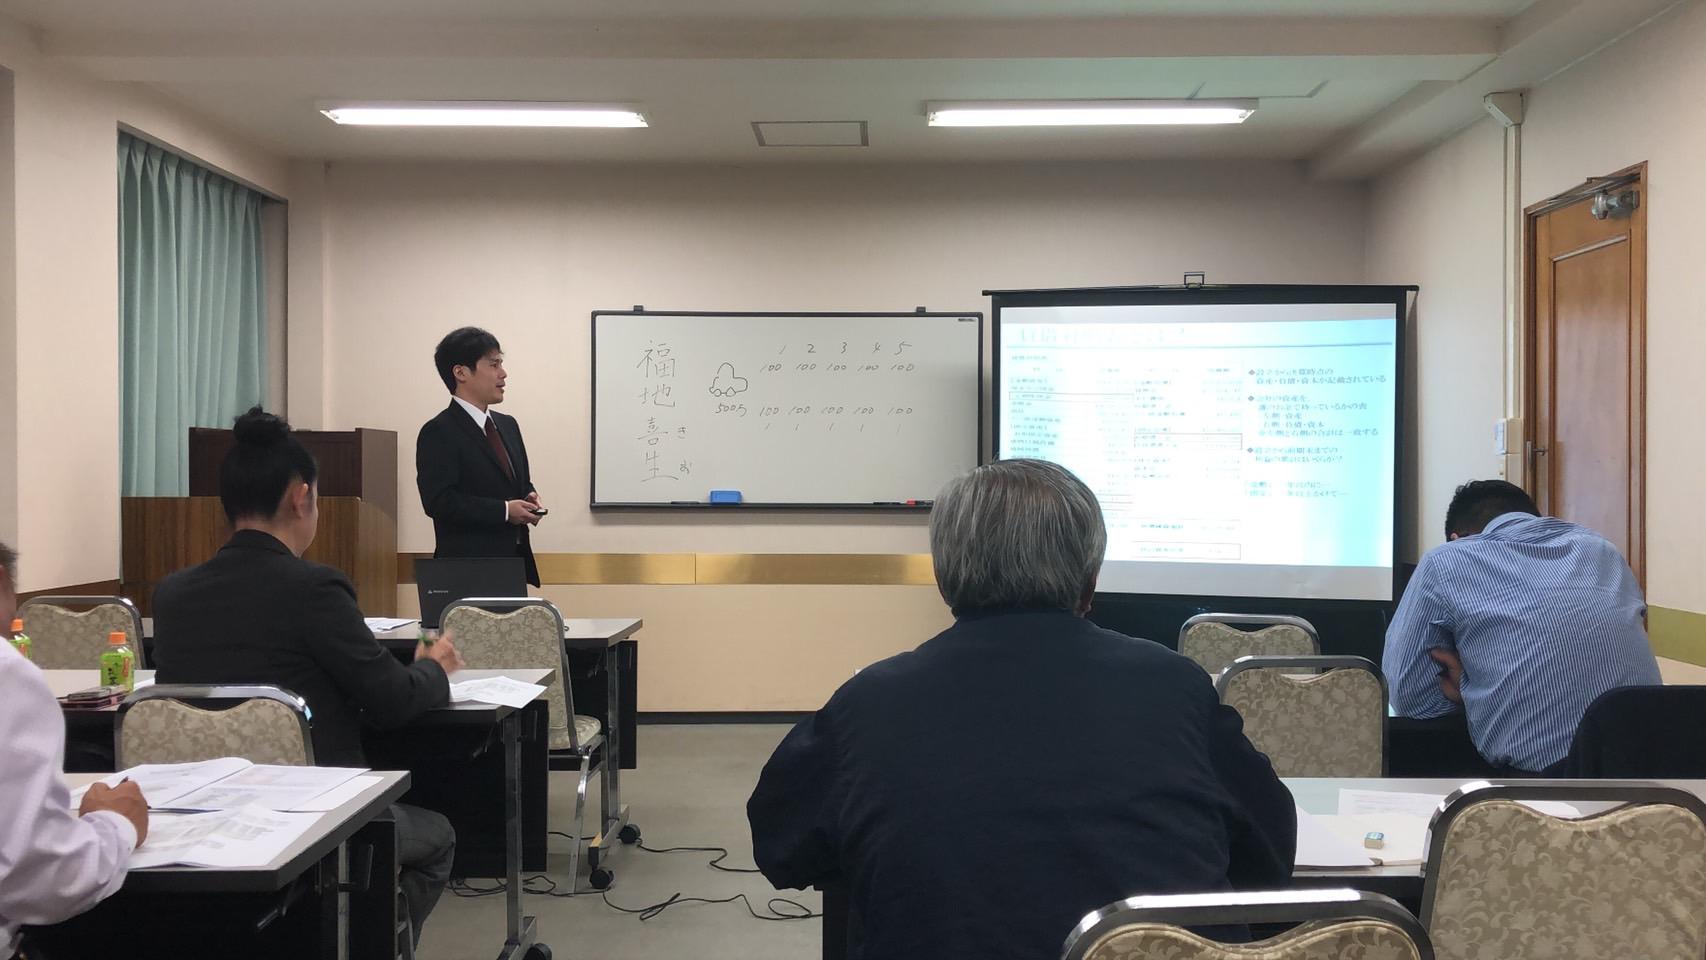 【宇都宮エリア/コンセーレ】経営者向け財務セミナー終了